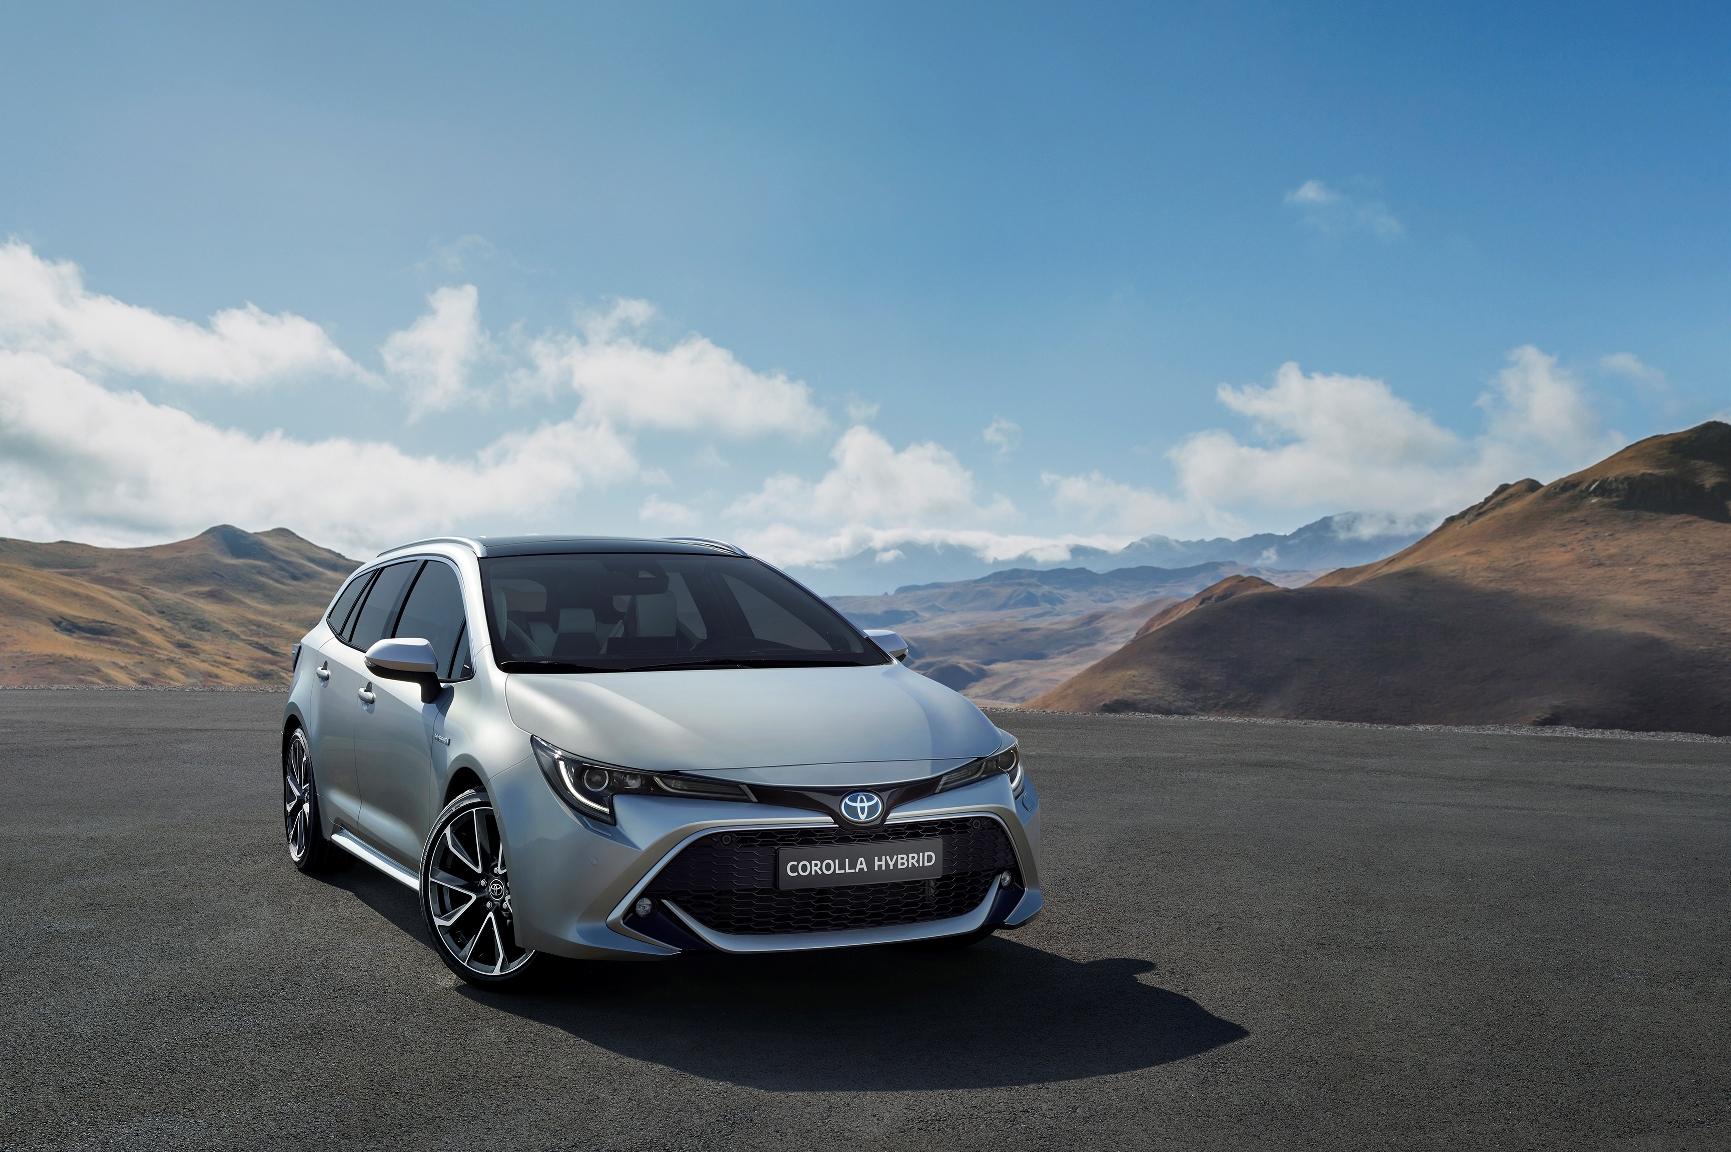 Toyota Corolla стала универсалом c гибридной силовой установкой